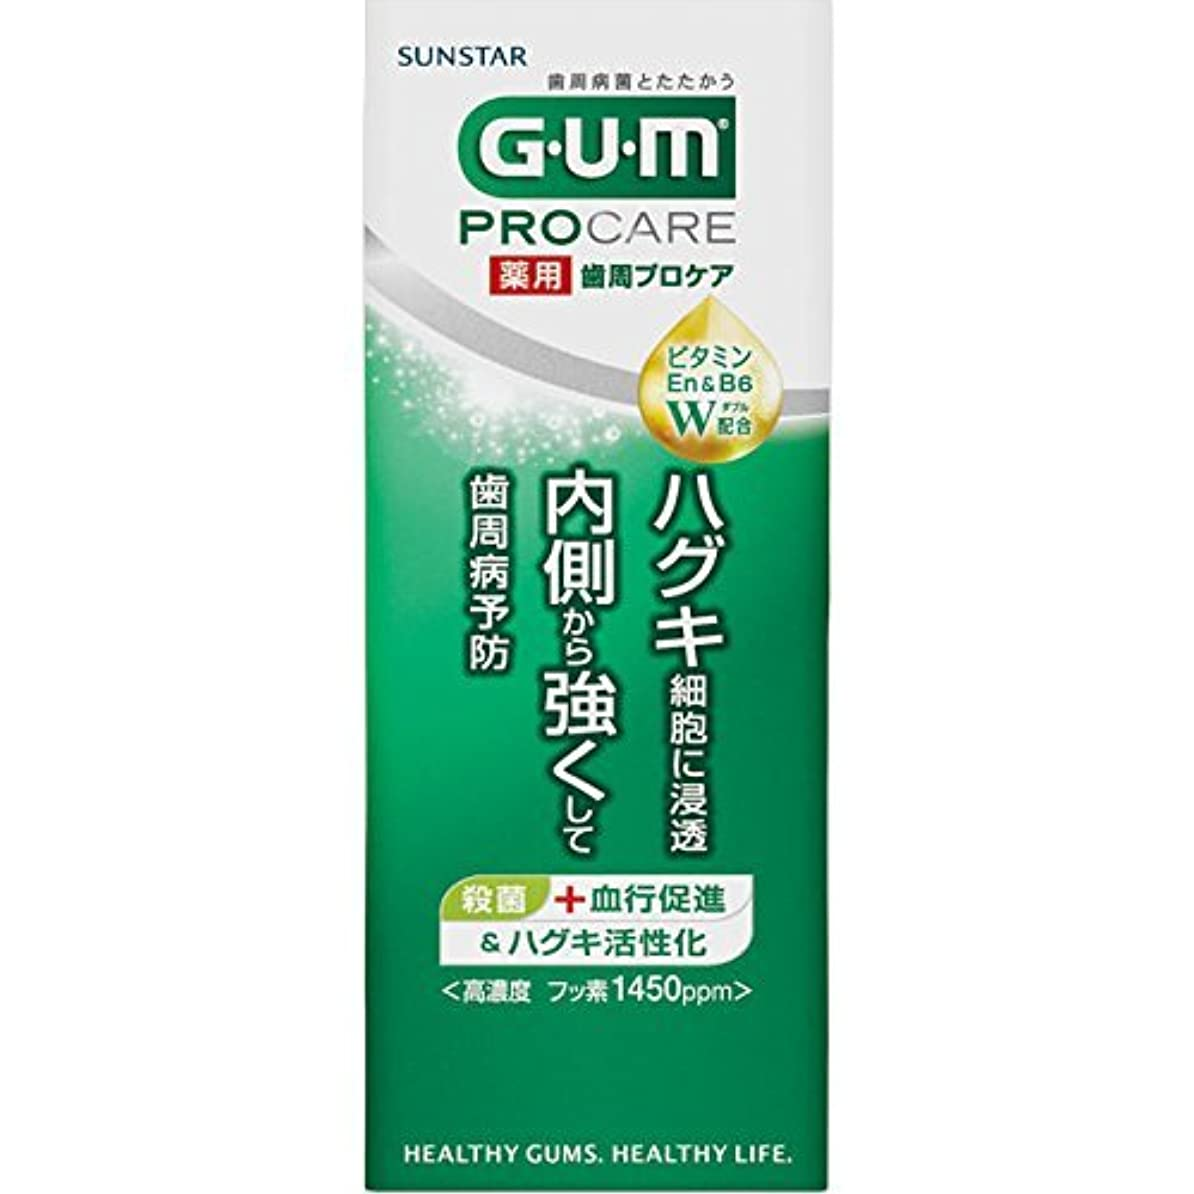 エラー宇宙のミシン目[医薬部外品] GUM(ガム) 歯周プロケア 歯みがき 50g <歯周病予防 ハグキケア 高濃度フッ素配合1,450ppm>